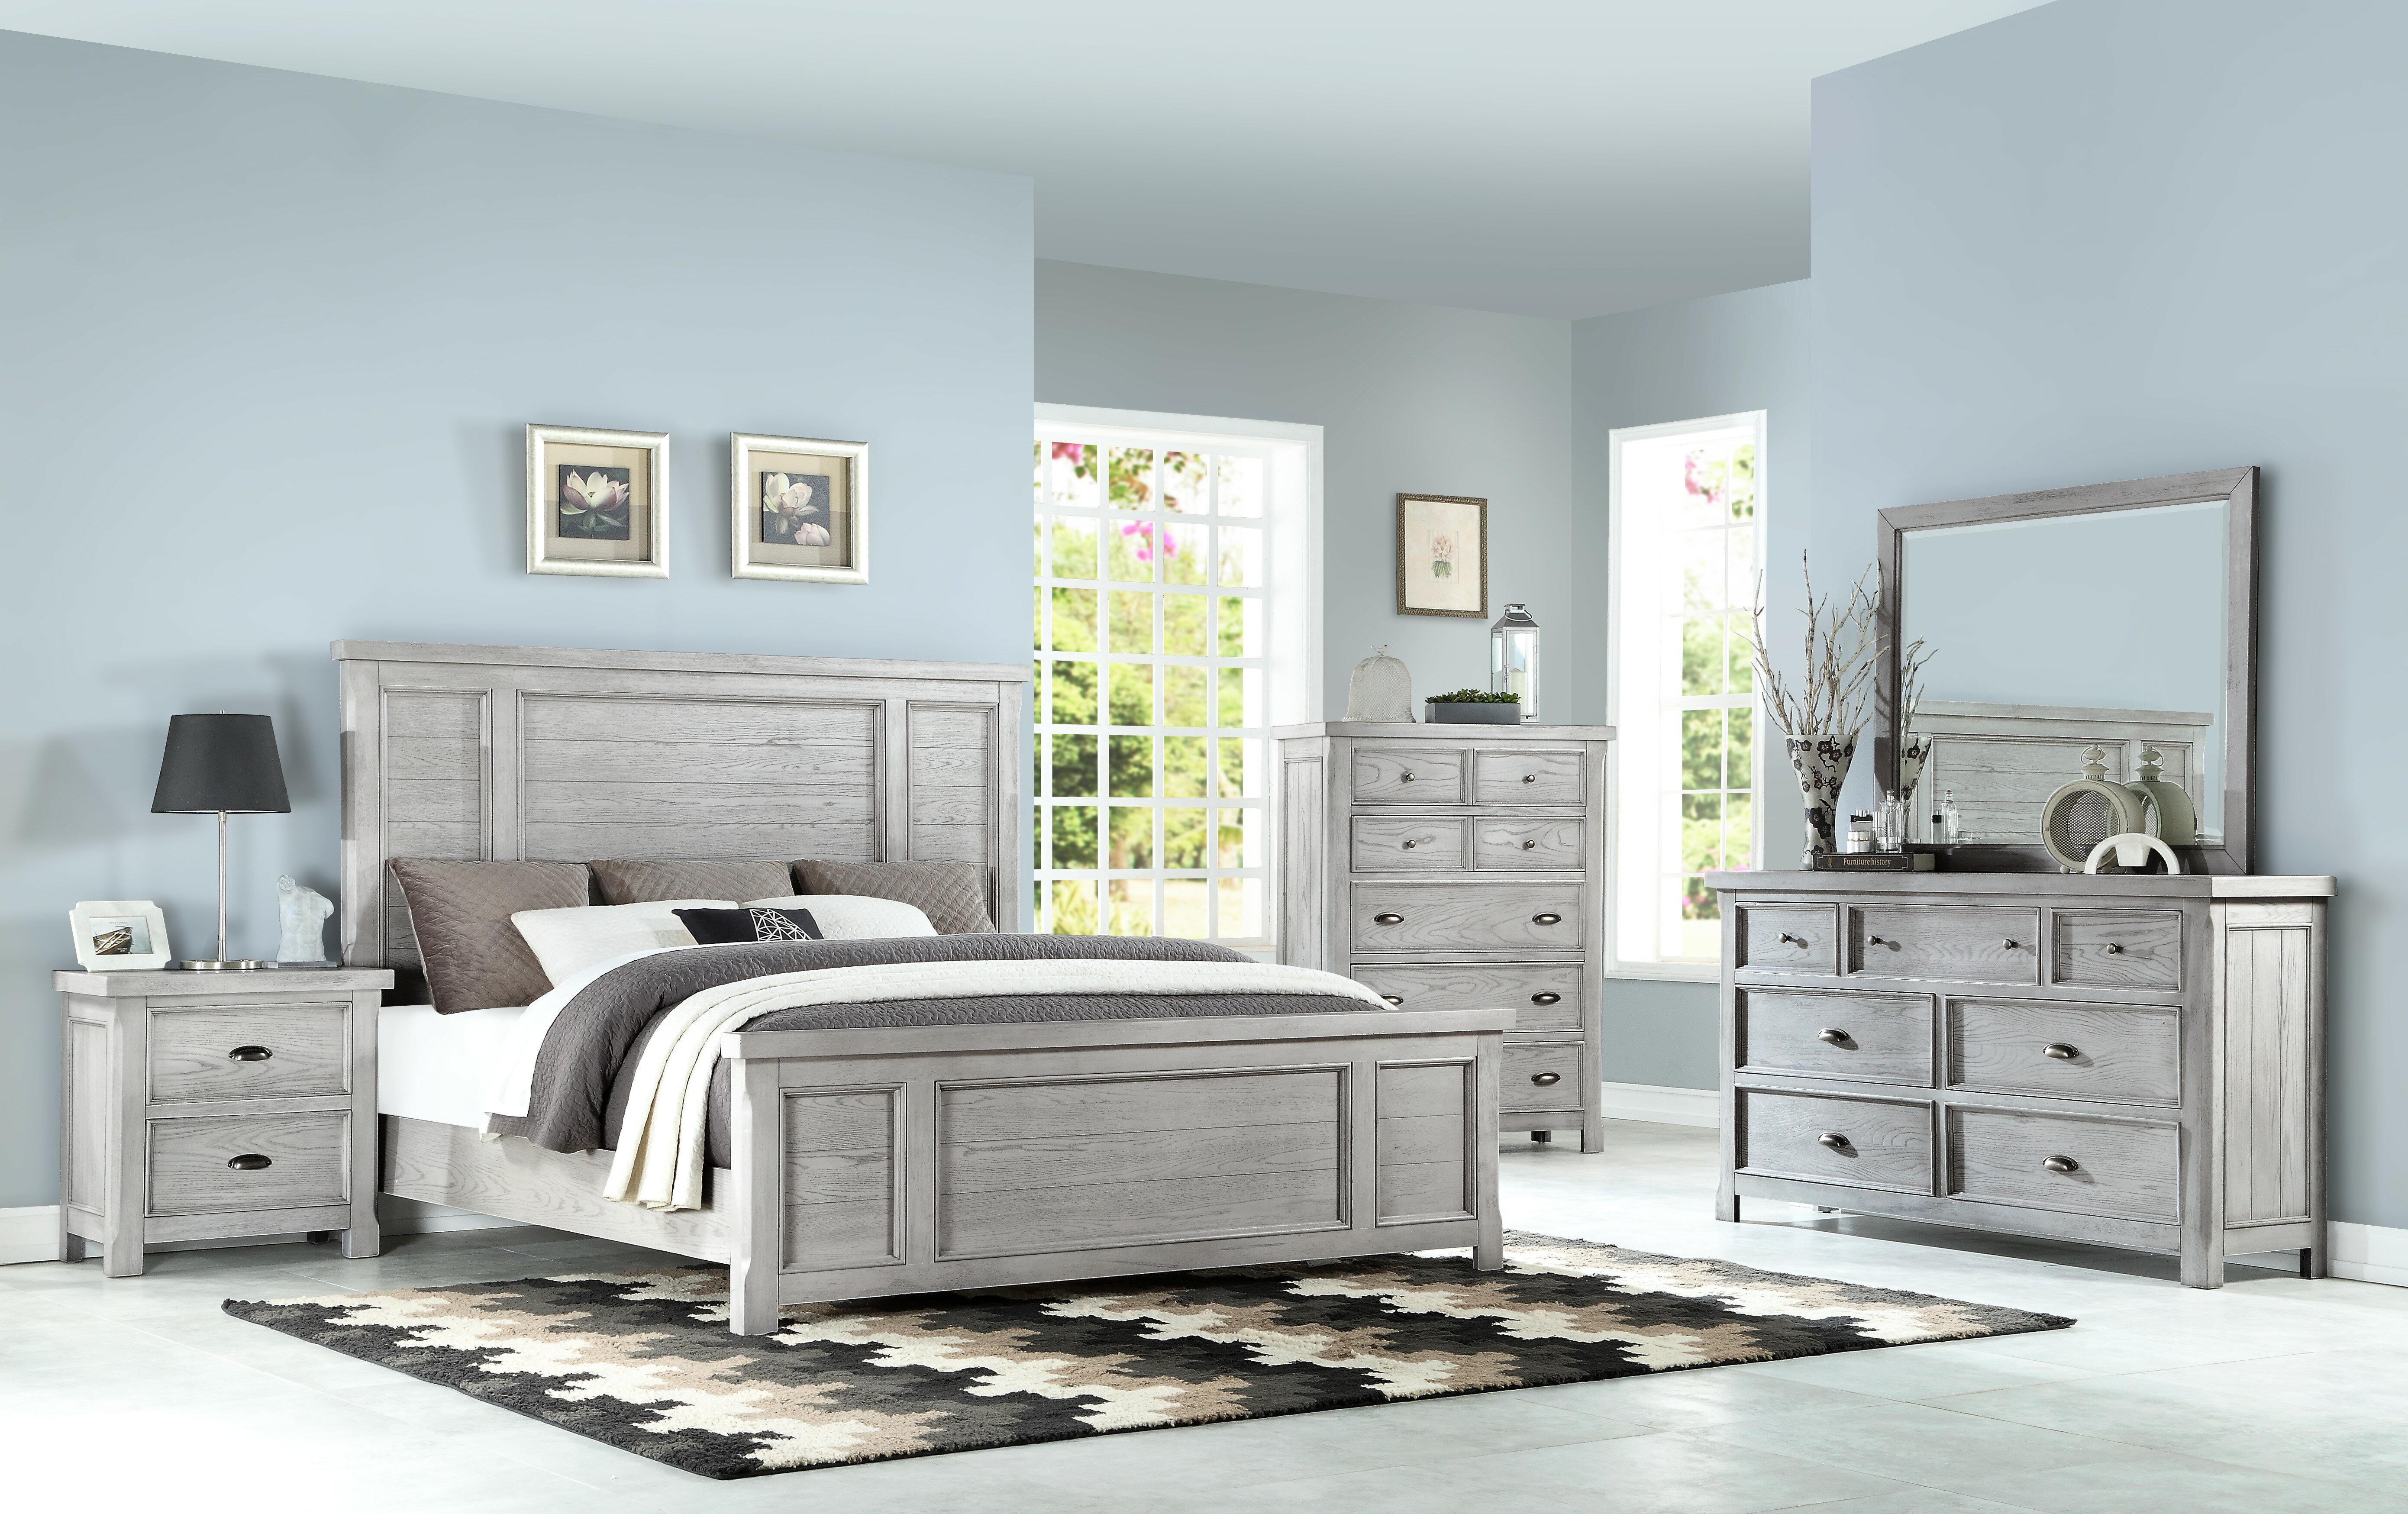 Scheller Standard 10 Piece Configurable Bedroom Set